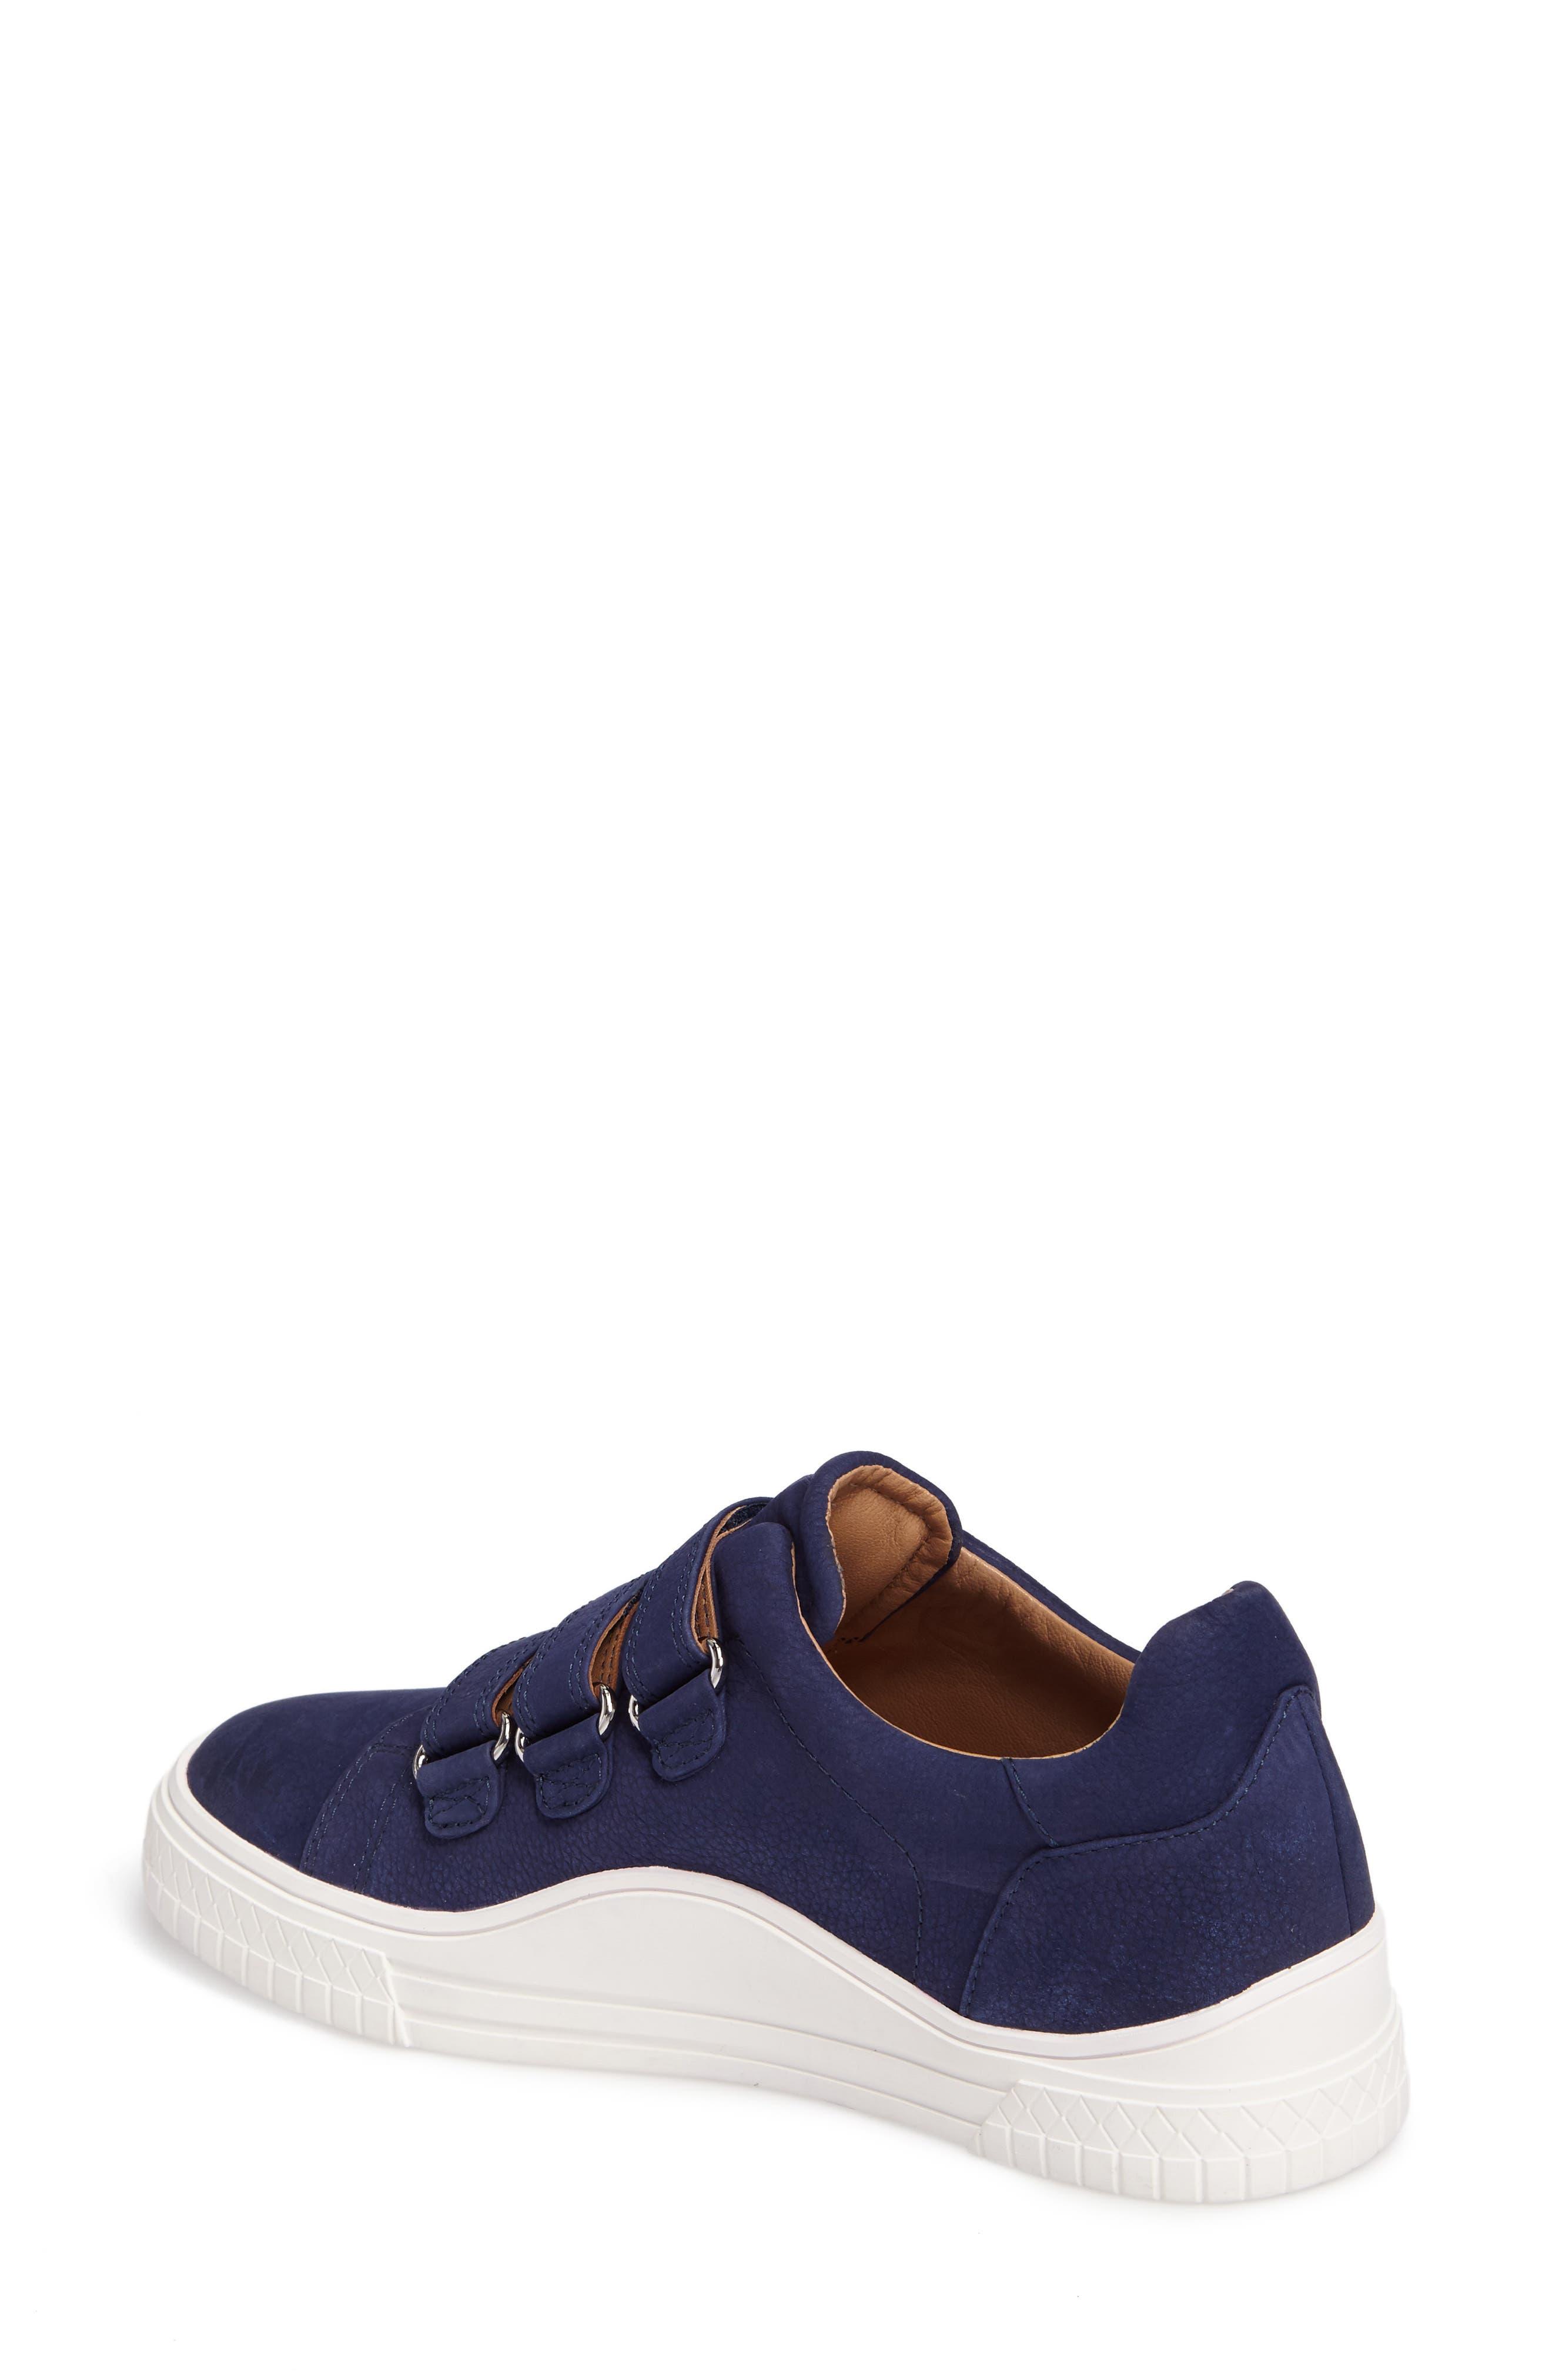 Alternate Image 2  - Linea Paolo Grace Sneaker (Women)